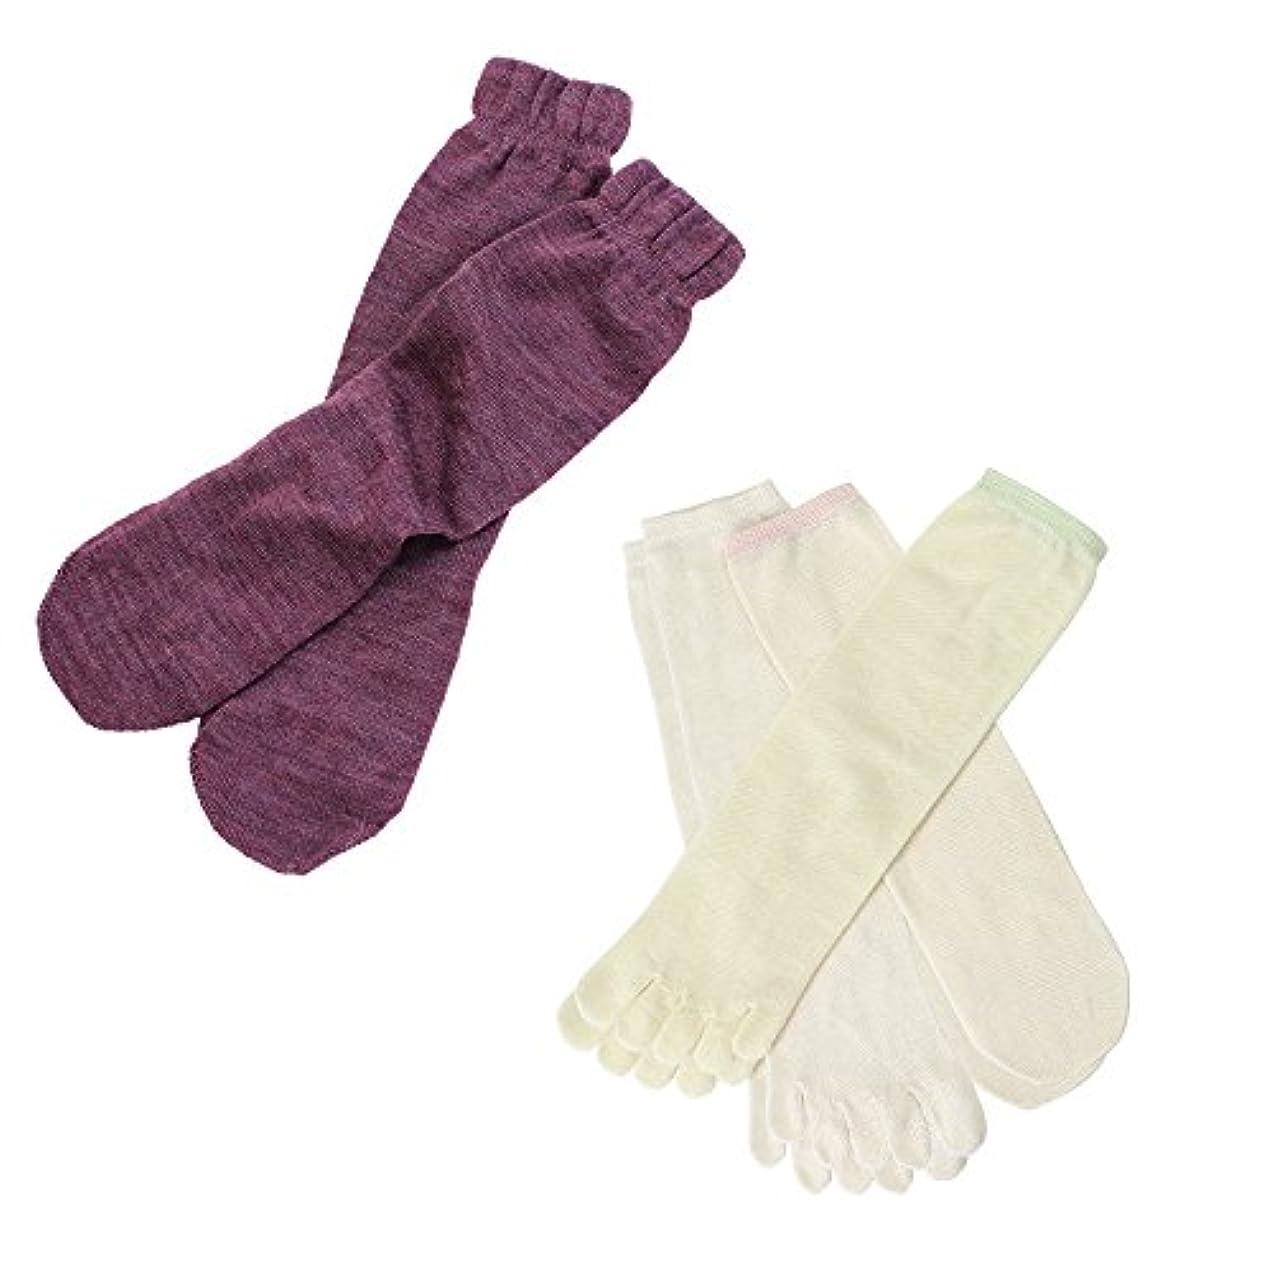 寝室を掃除する憂慮すべきますますhiorie(ヒオリエ) 日本製 冷えとり靴下 シルク&ウール 5本指ソックス(重ねばき専用 4足セット) 正絹